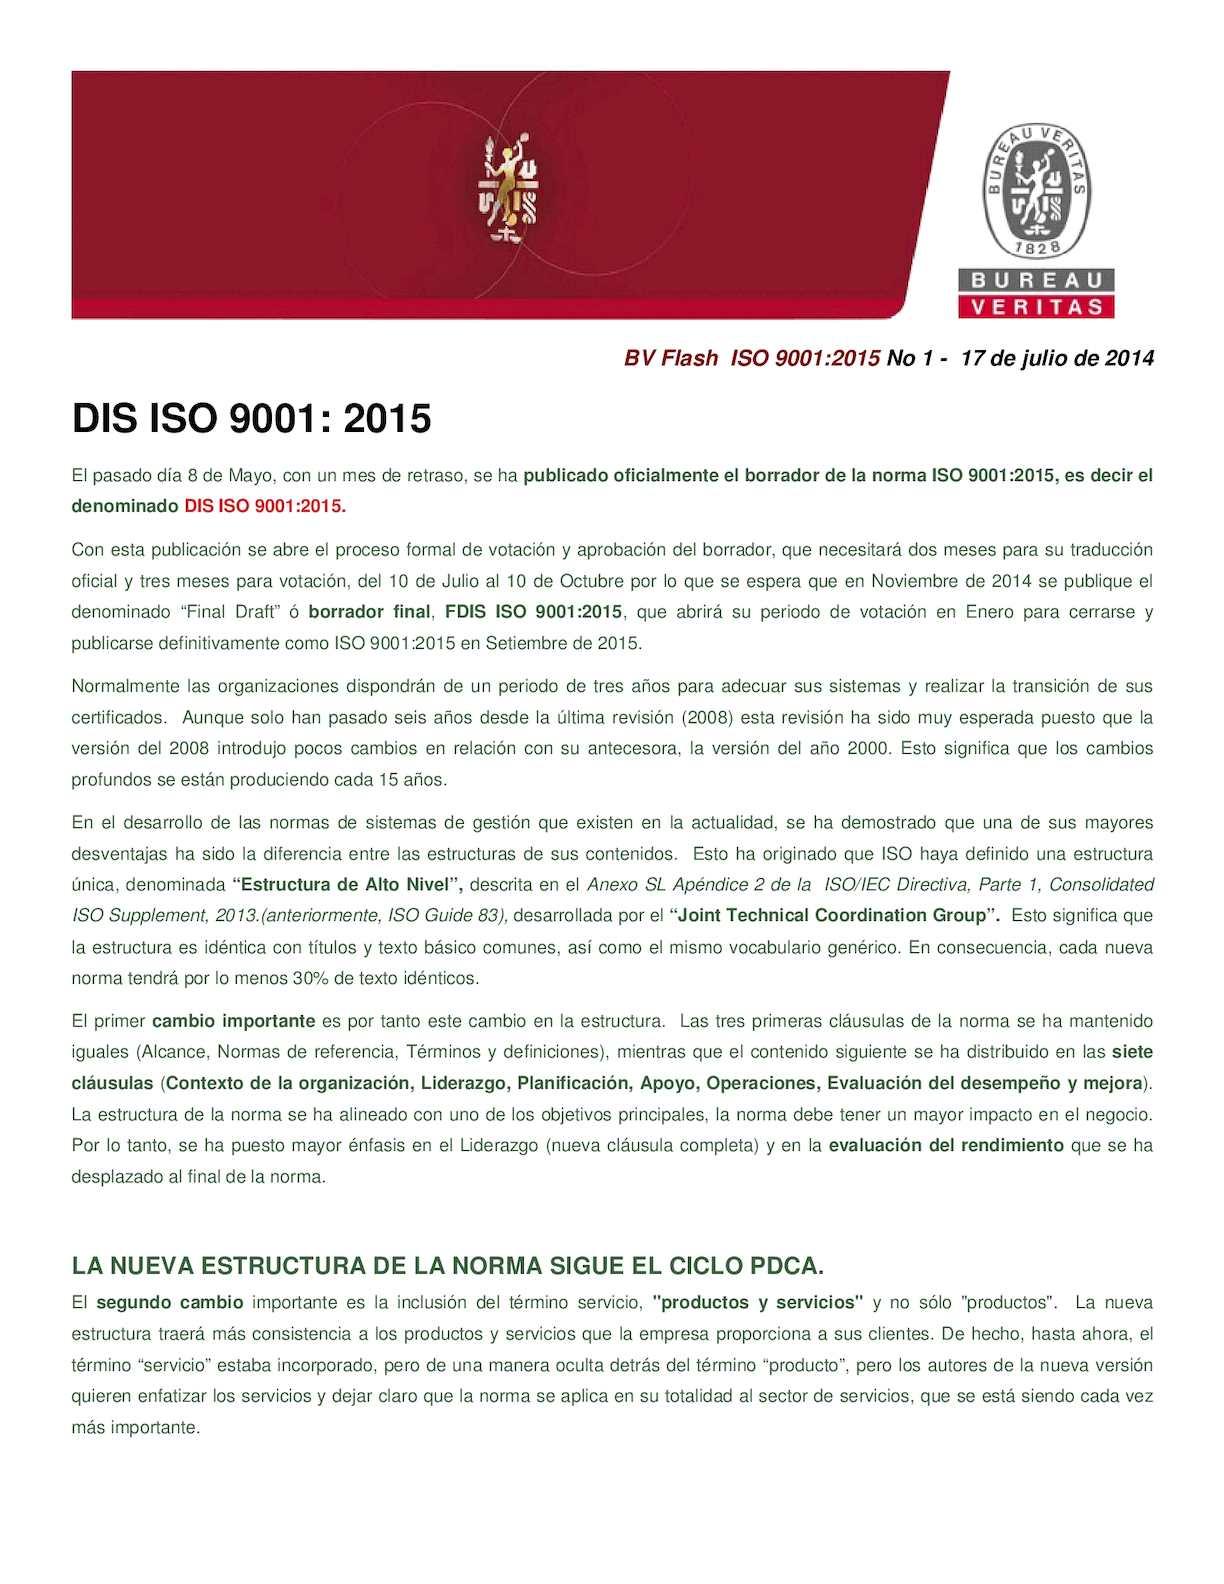 Resumen DIS ISO 9001:2015